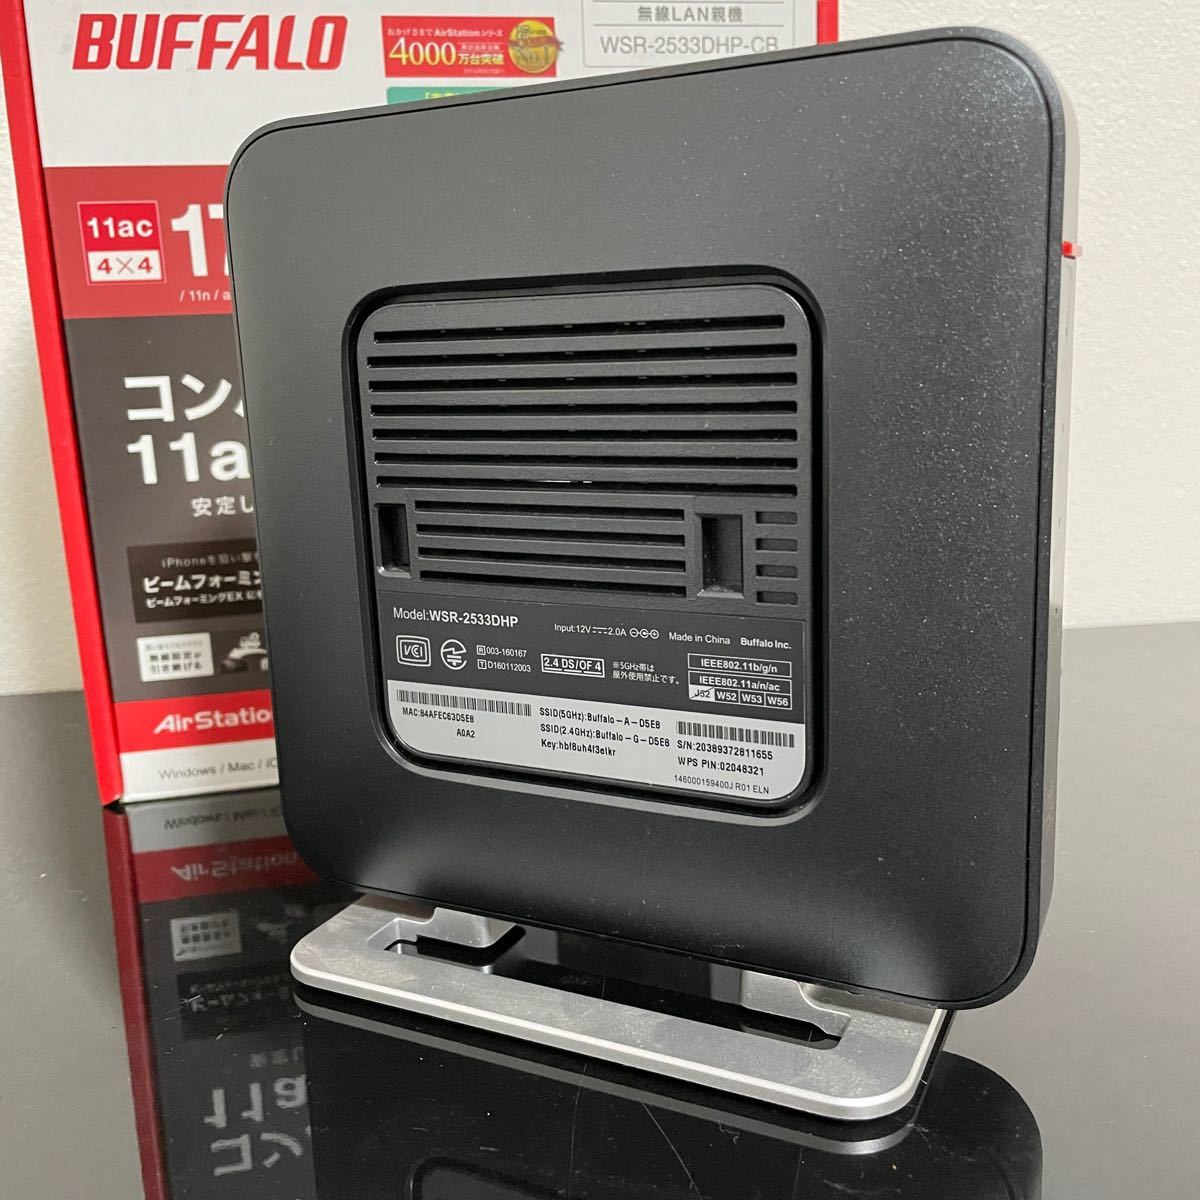 無線LAN親機 11ac 無線LANルーター Wi-Fiルーター バッファロー